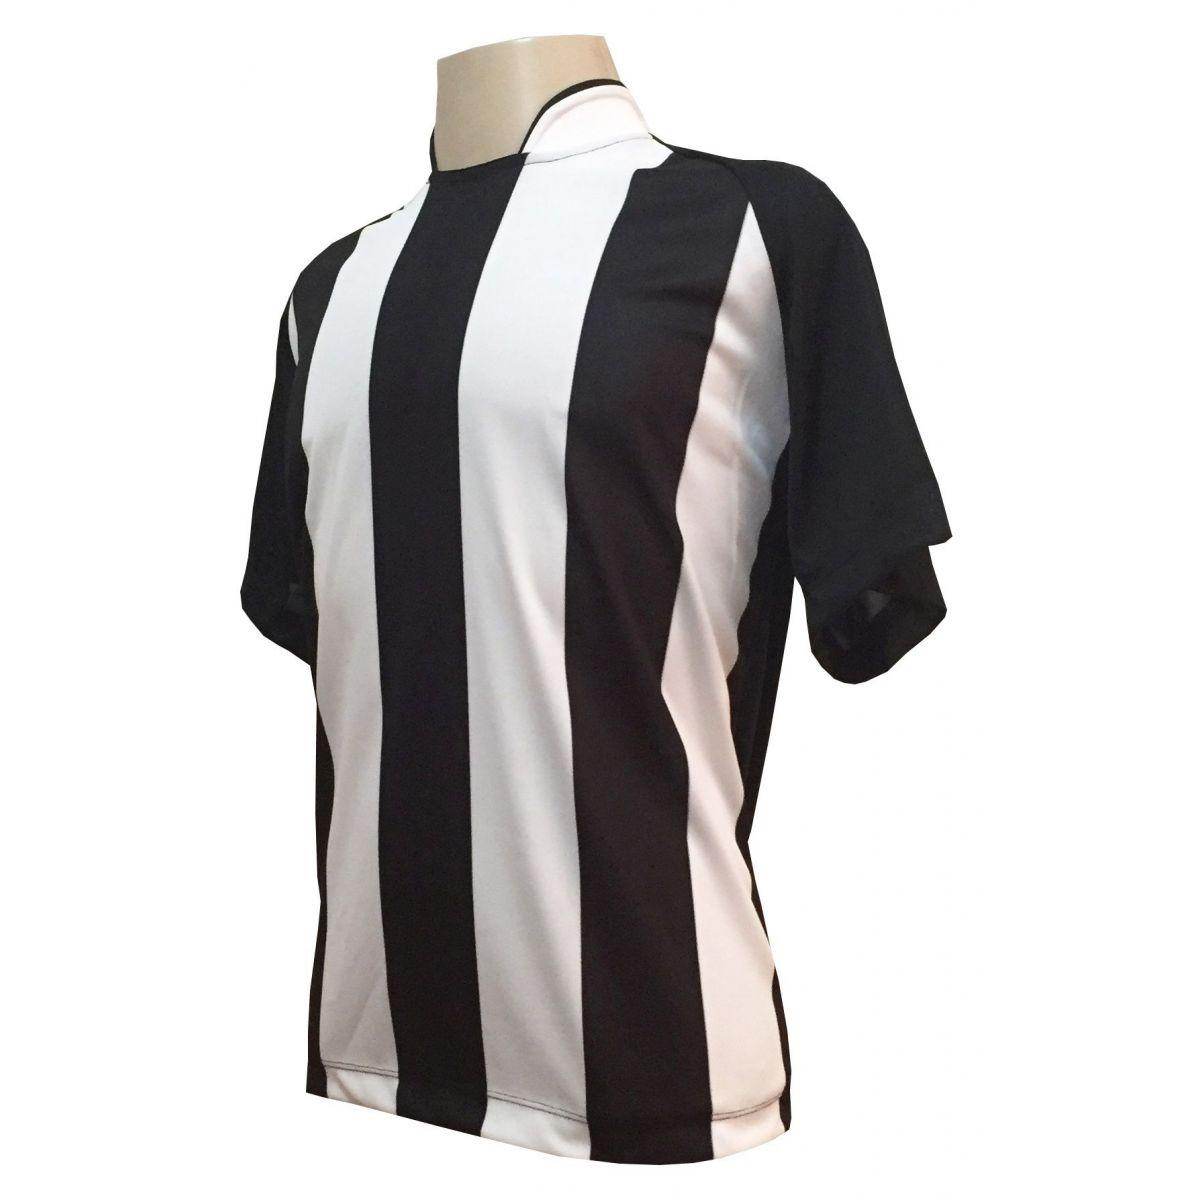 Uniforme Esportivo com 18 camisas modelo Milan Preto/Branco + 18 calções modelo Madrid + 1 Goleiro + Brindes